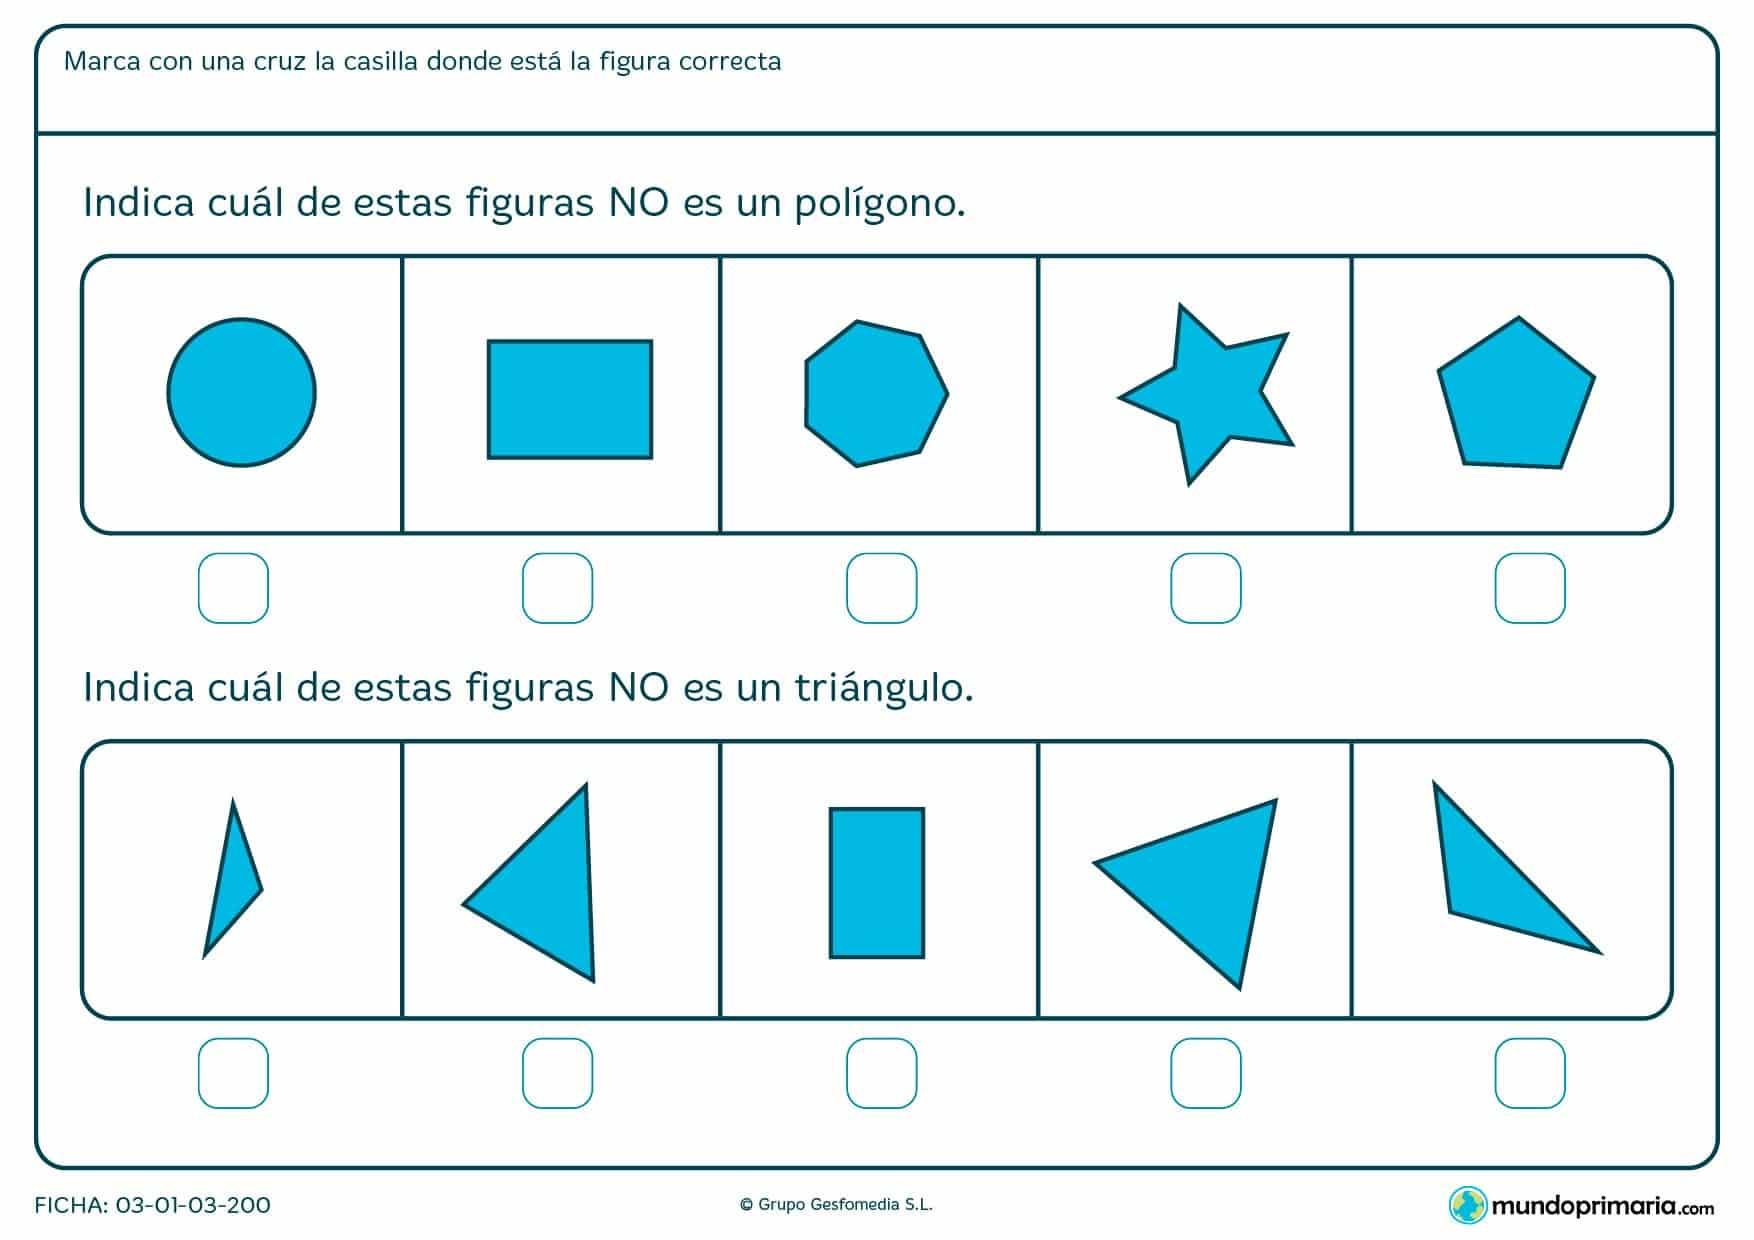 Ficha de excluir poligonos para aopyo escolar de niños de 1º de primaria